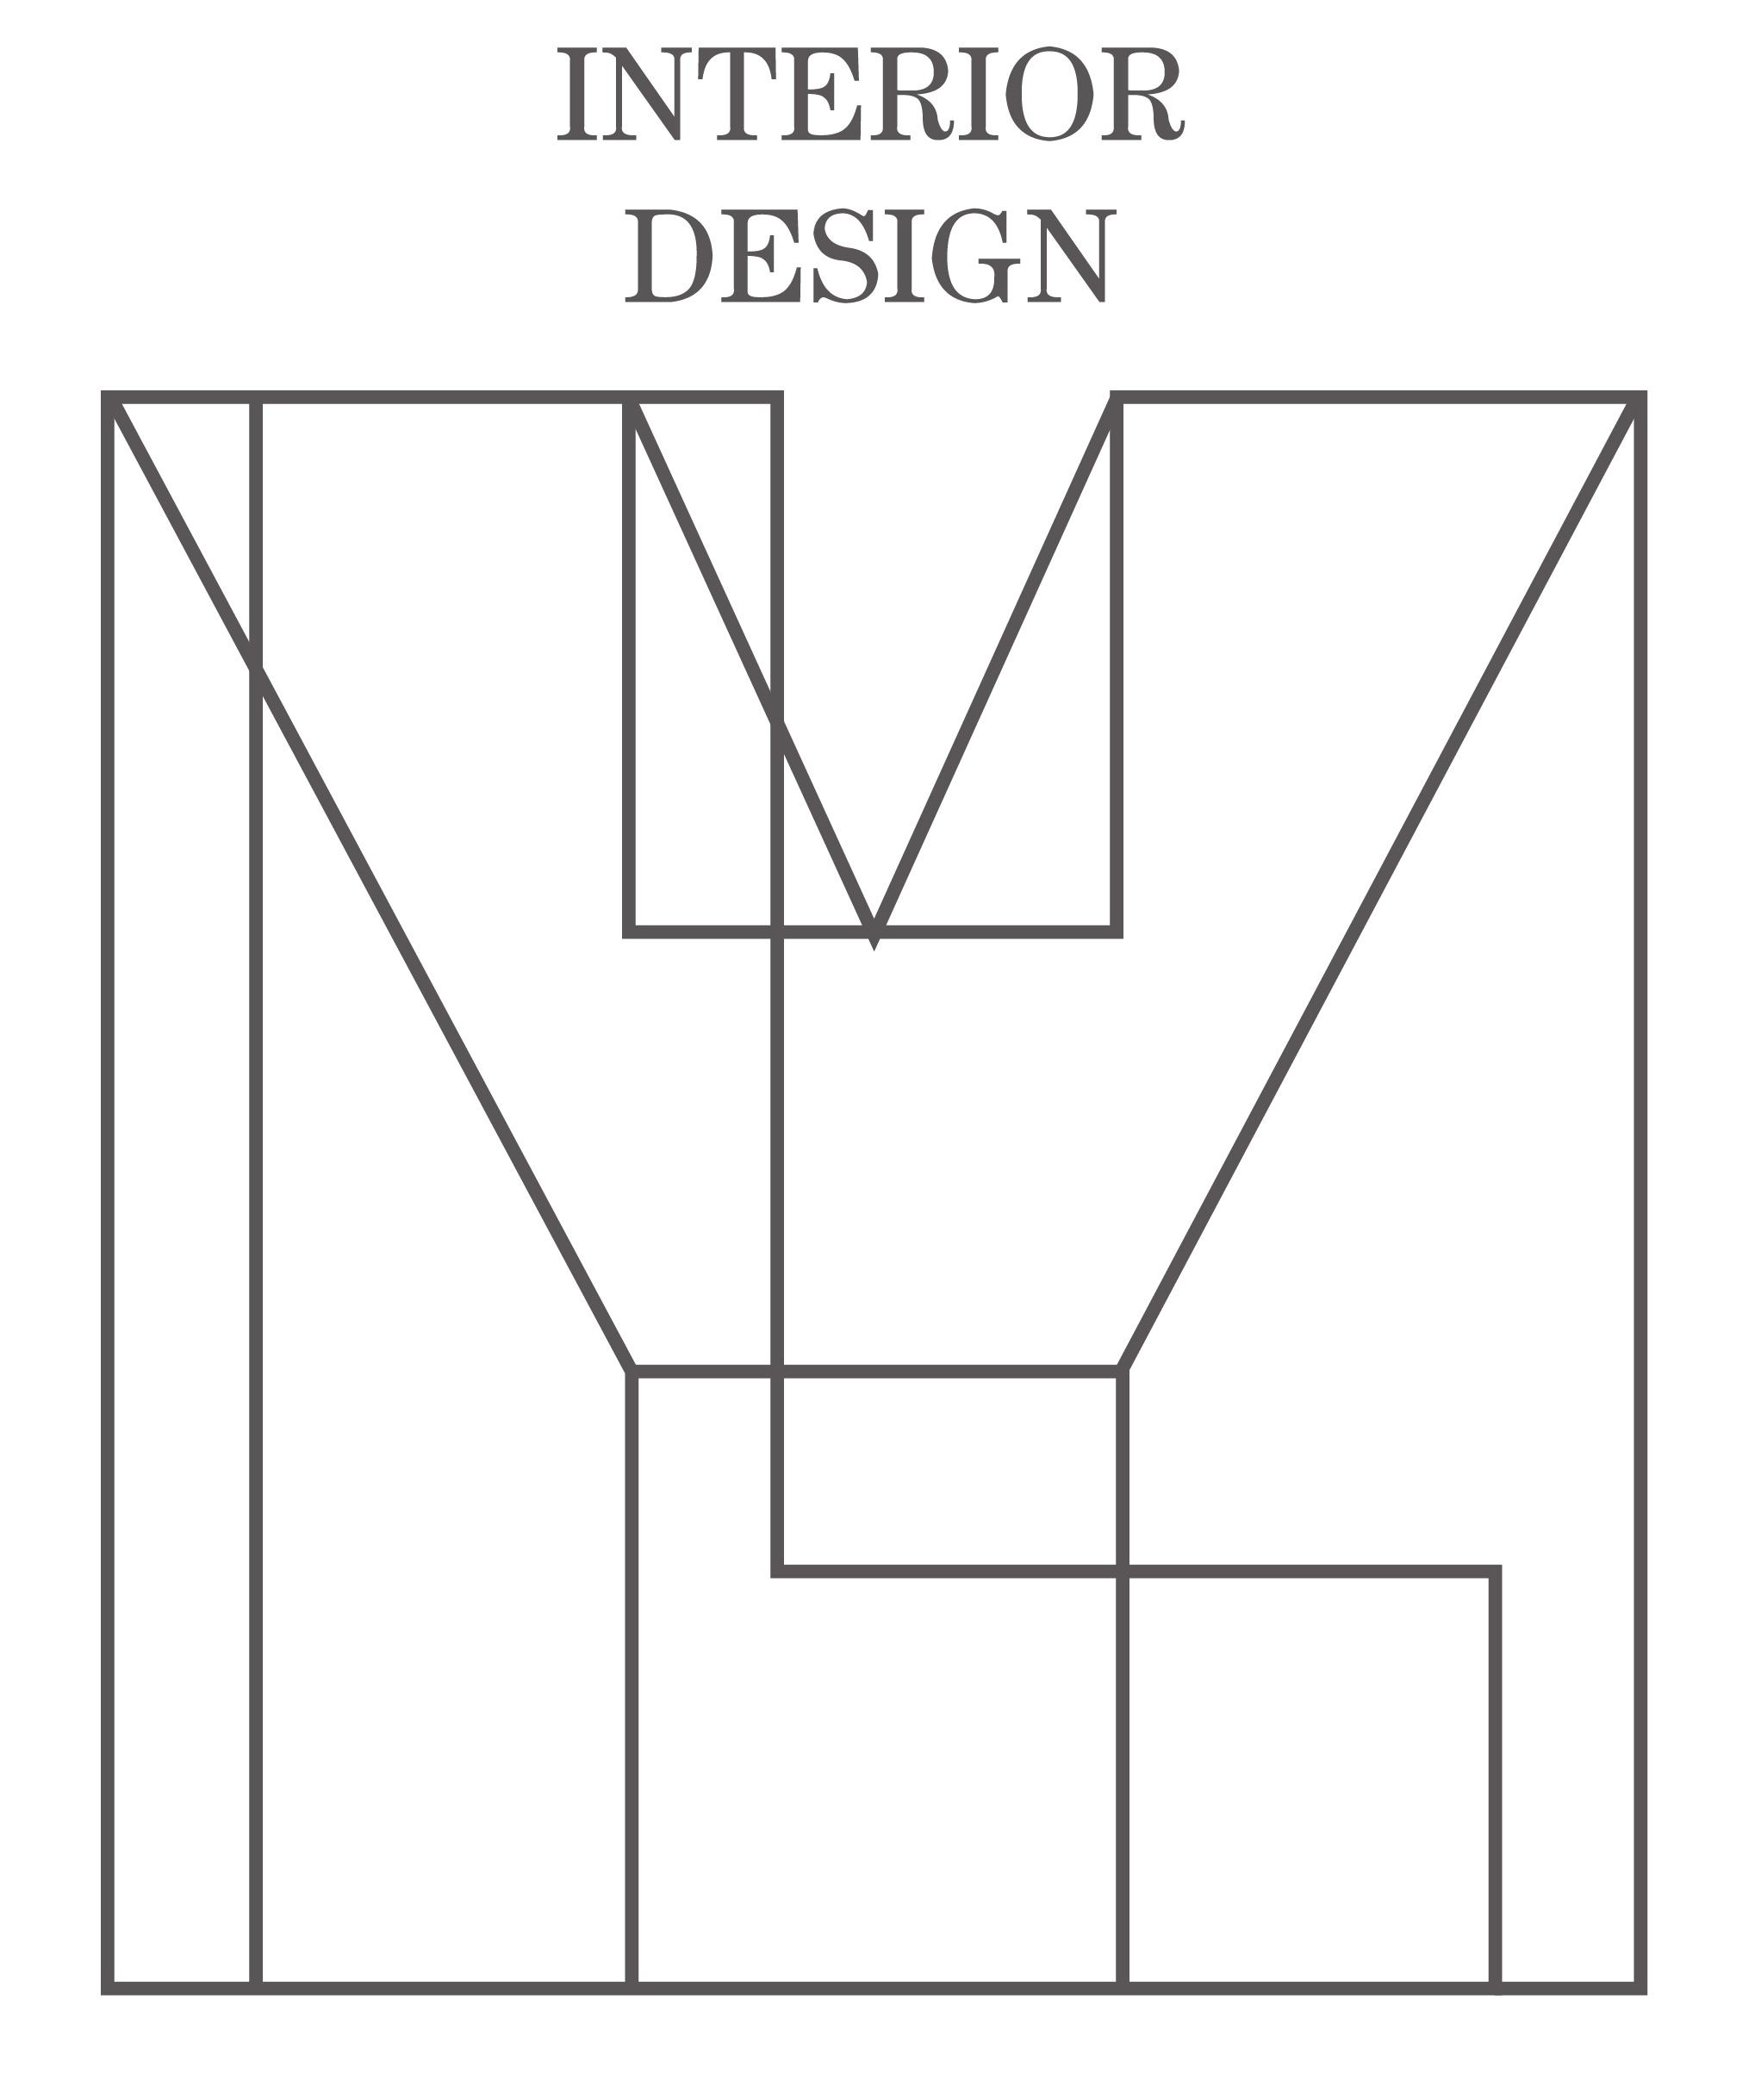 北京三匠建筑工程设计有限公司